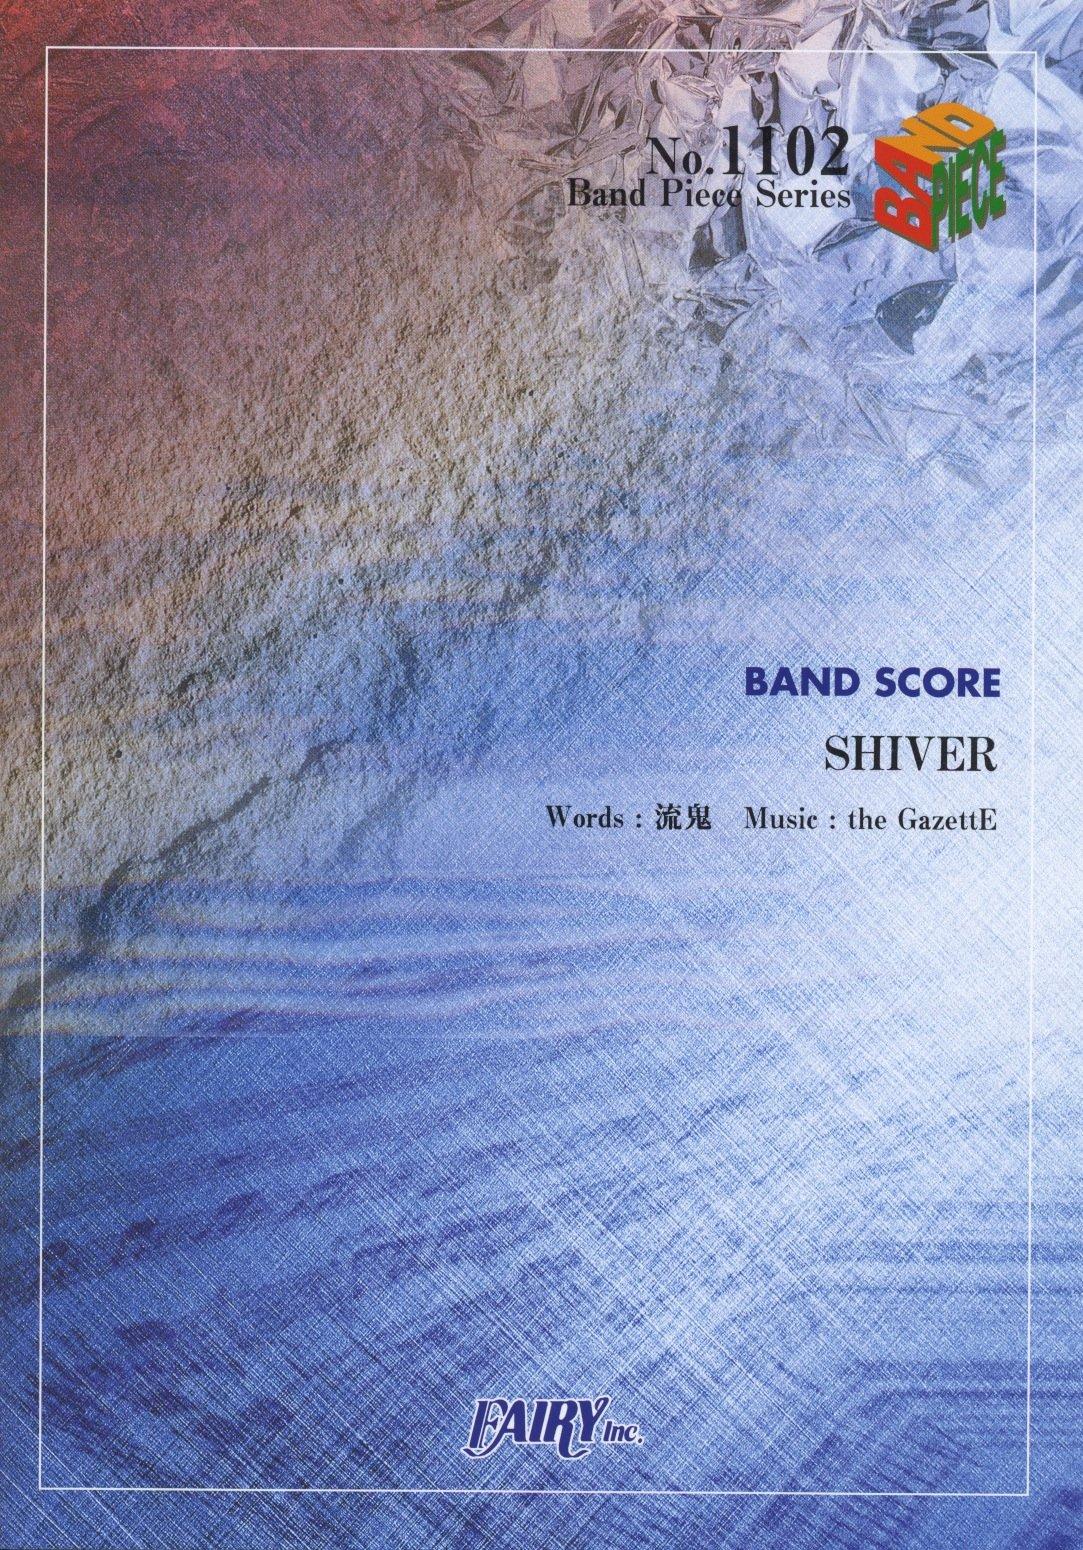 Piece band 1102 SHIVER by the GazettE [Sheet music] pdf